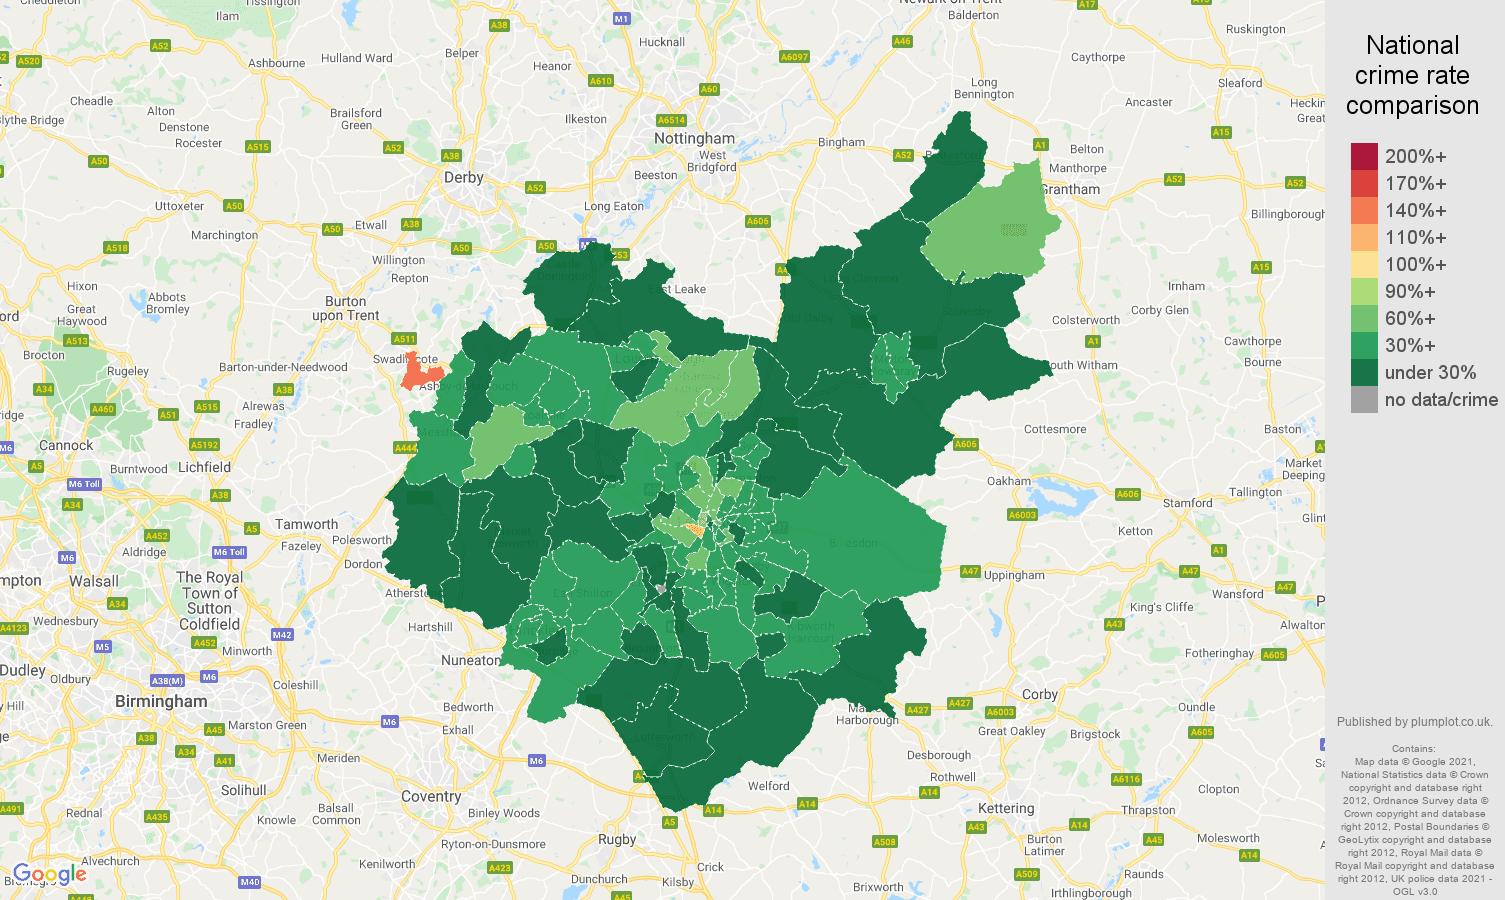 Leicestershire antisocial behaviour crime rate comparison map